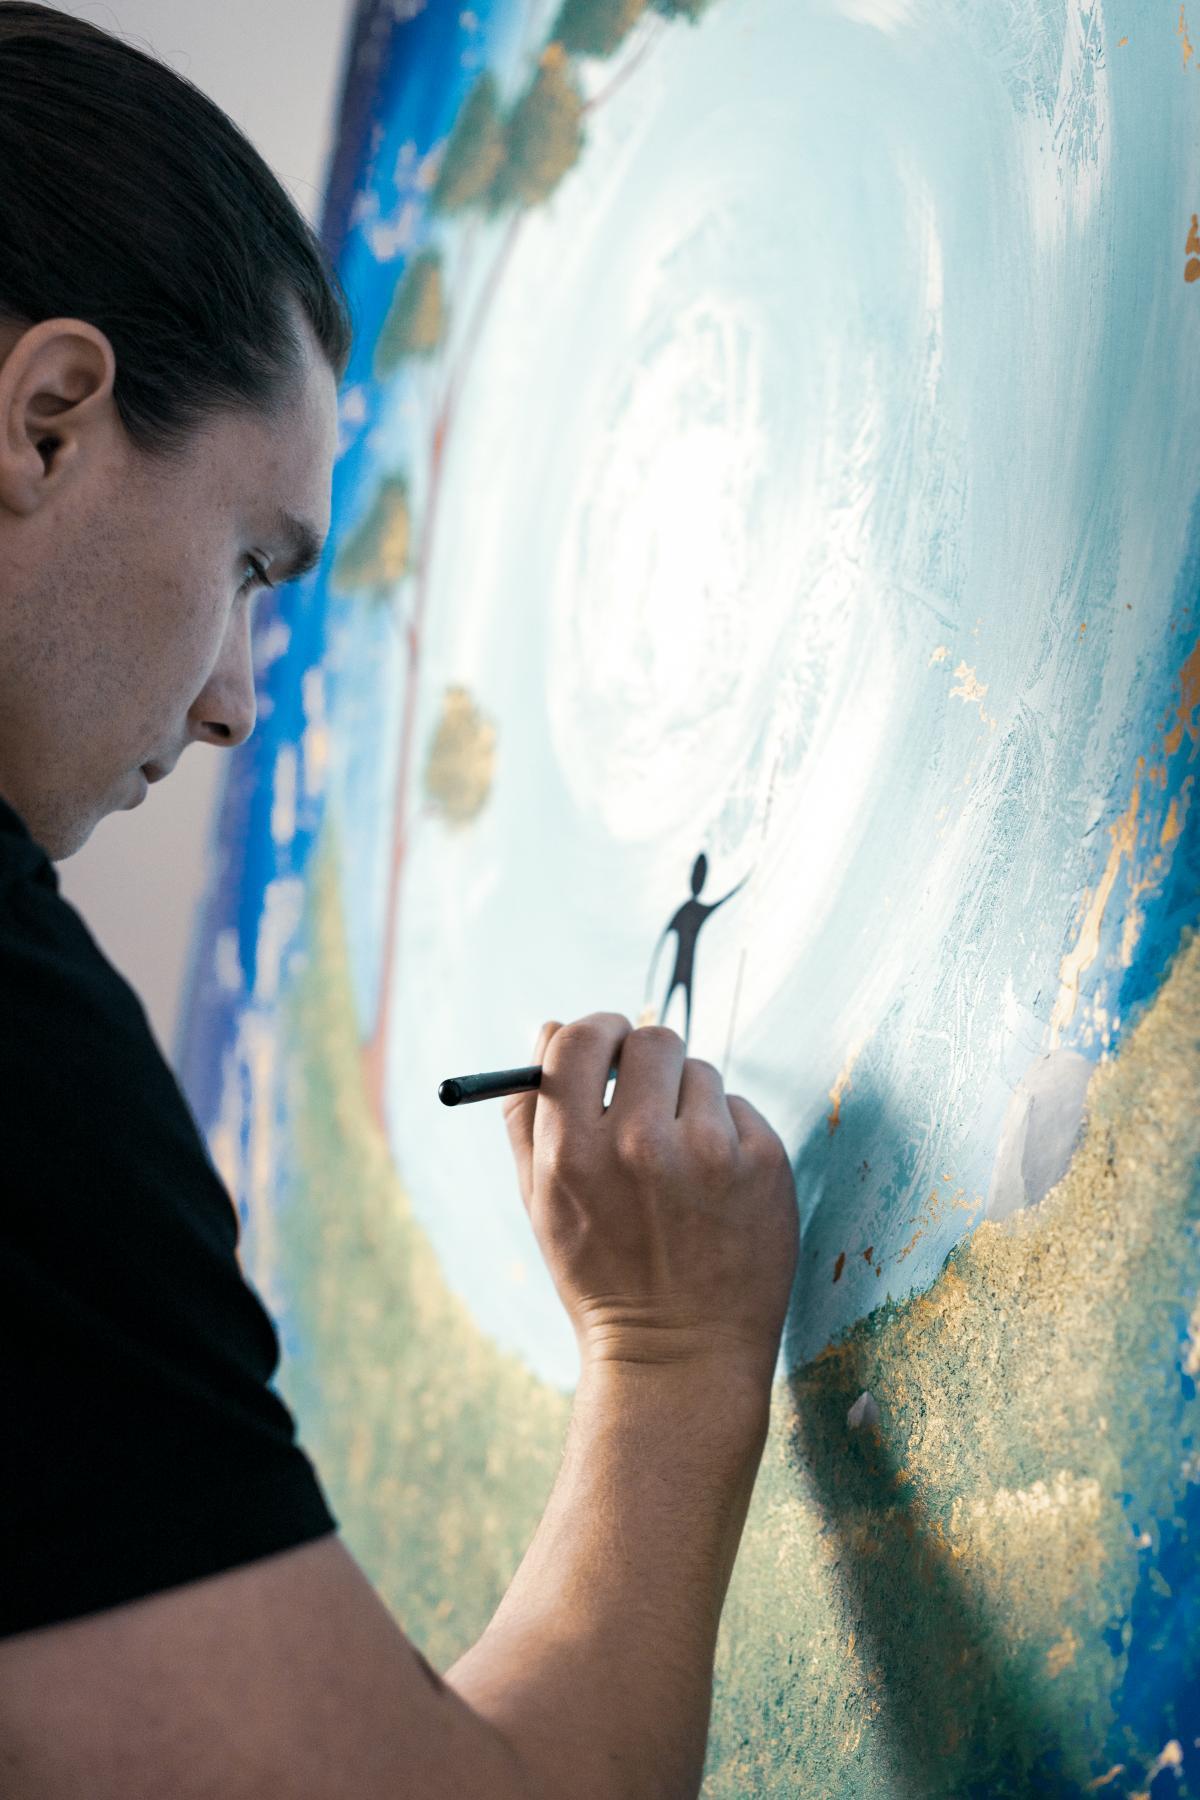 Halbtotale von Simon Kohle beim Malen eines Kunstwerks